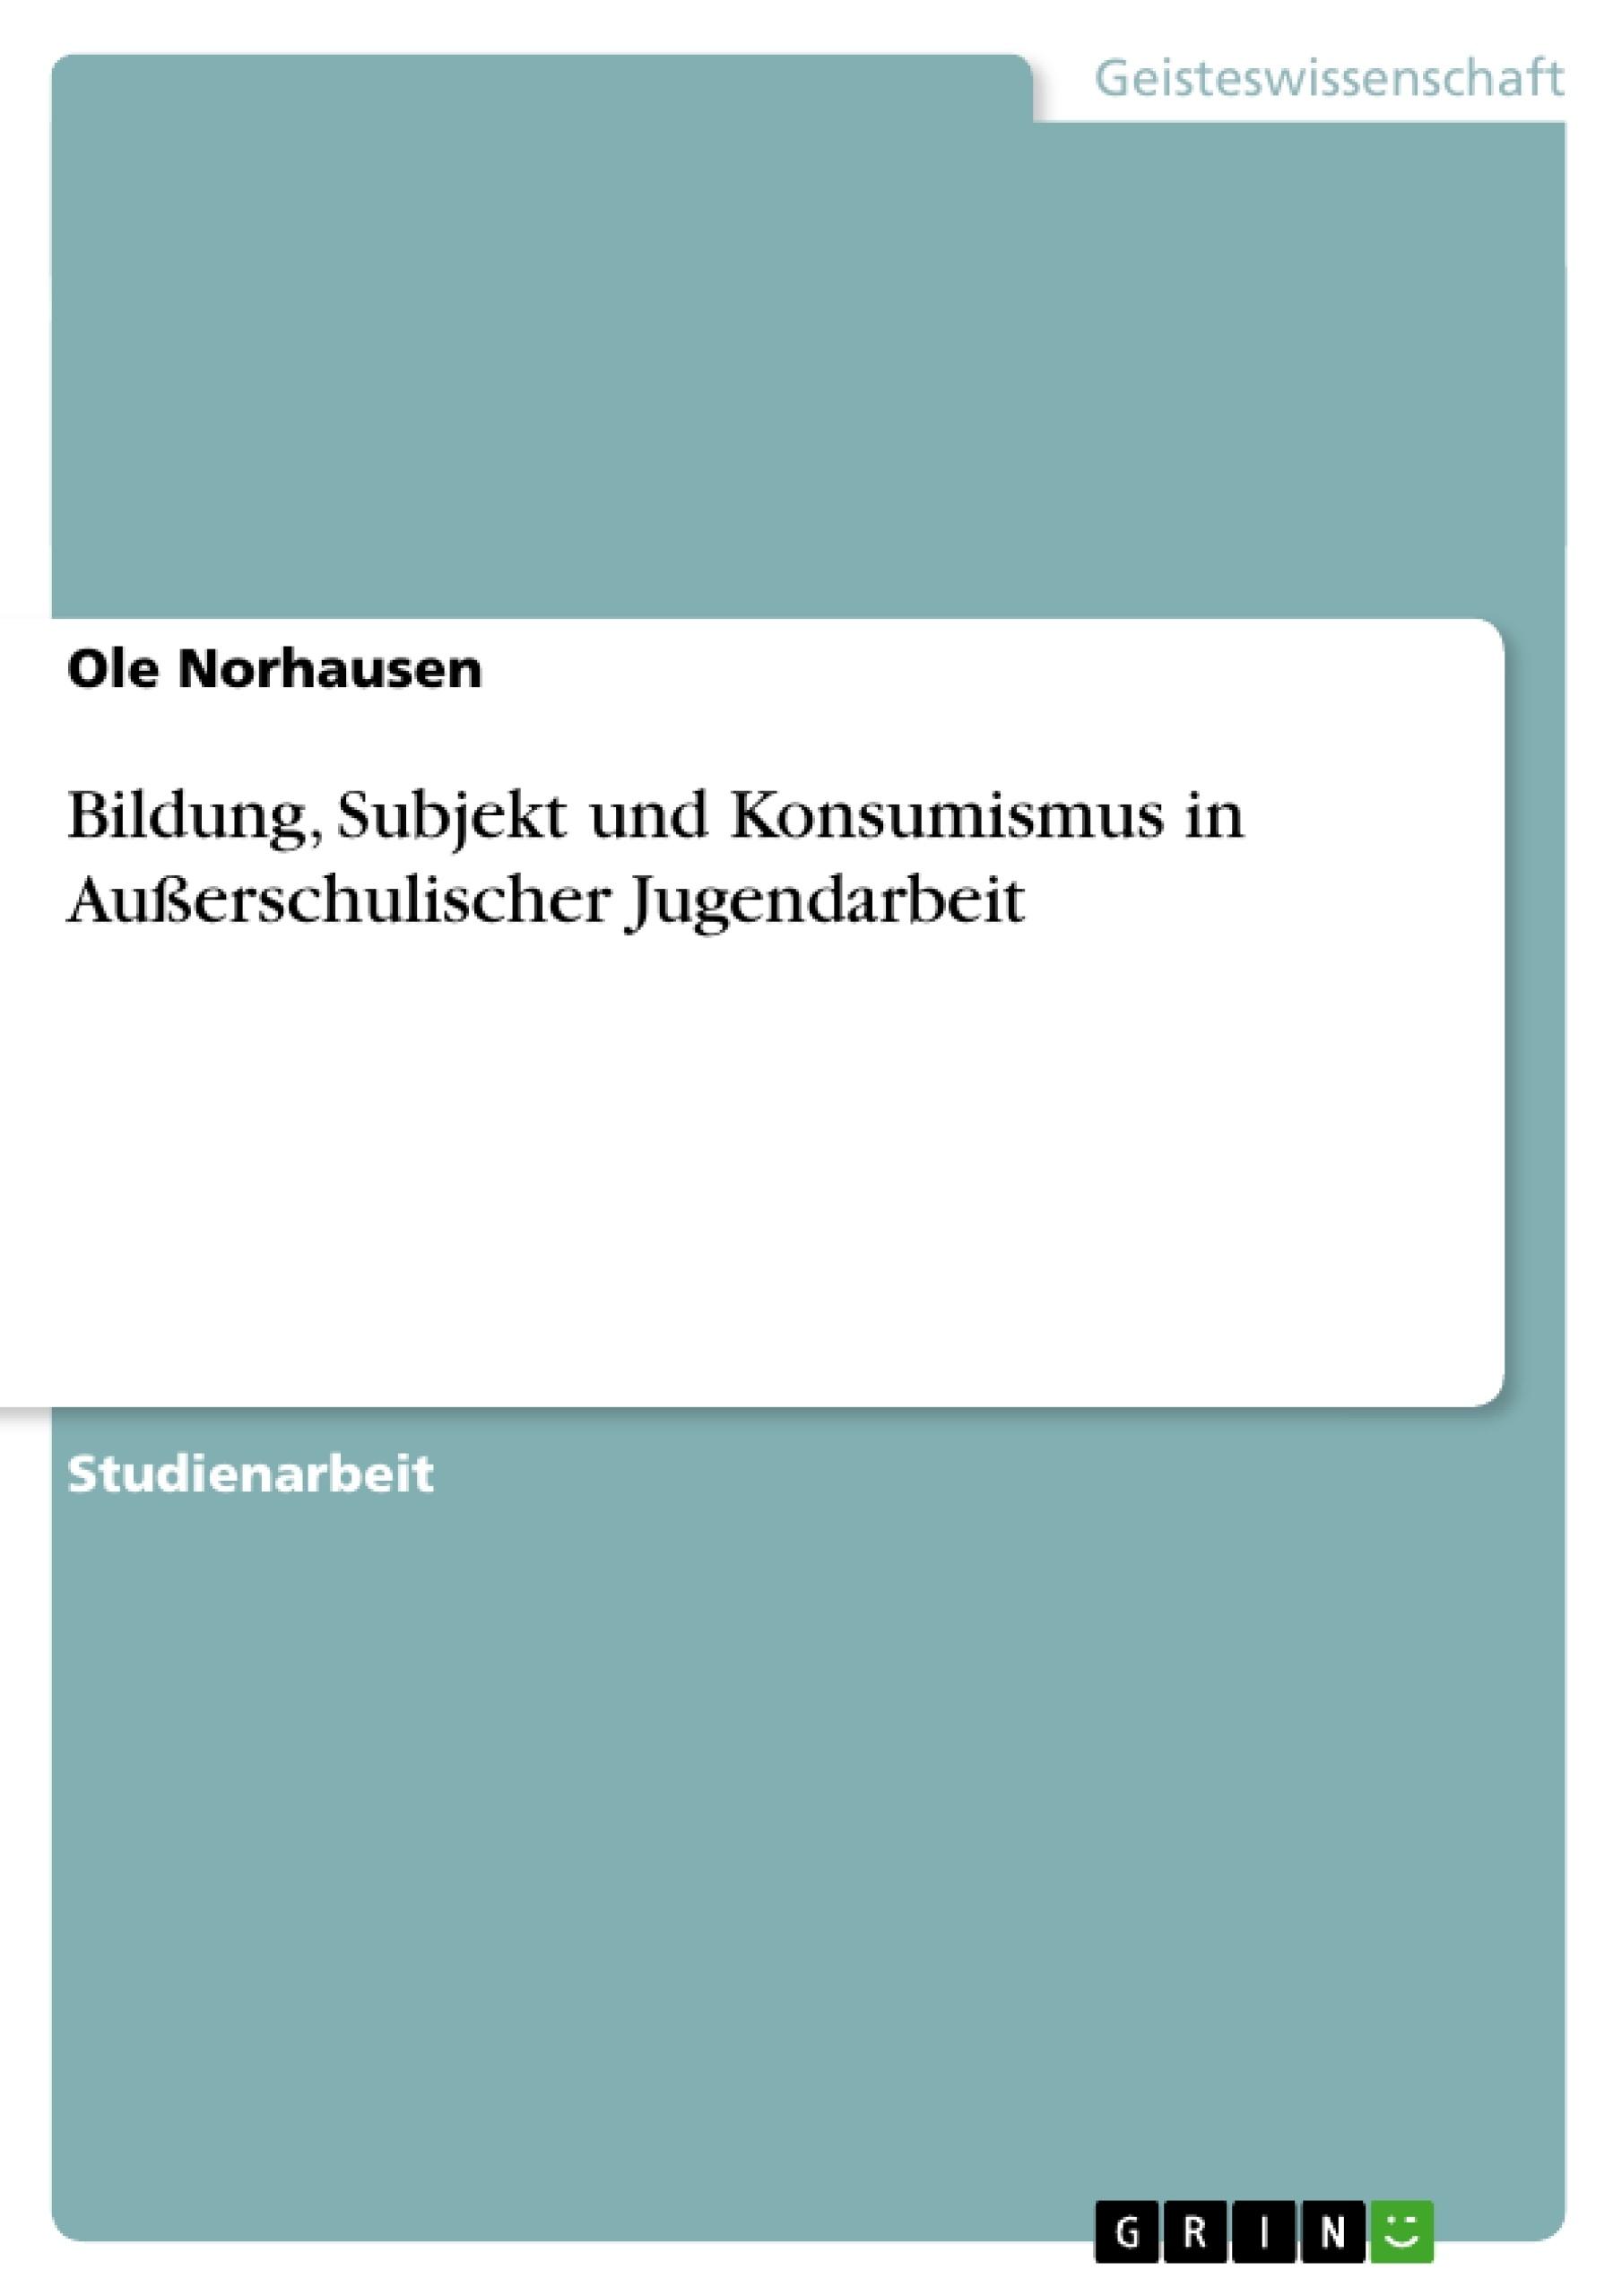 Titel: Bildung, Subjekt und Konsumismus in Außerschulischer Jugendarbeit